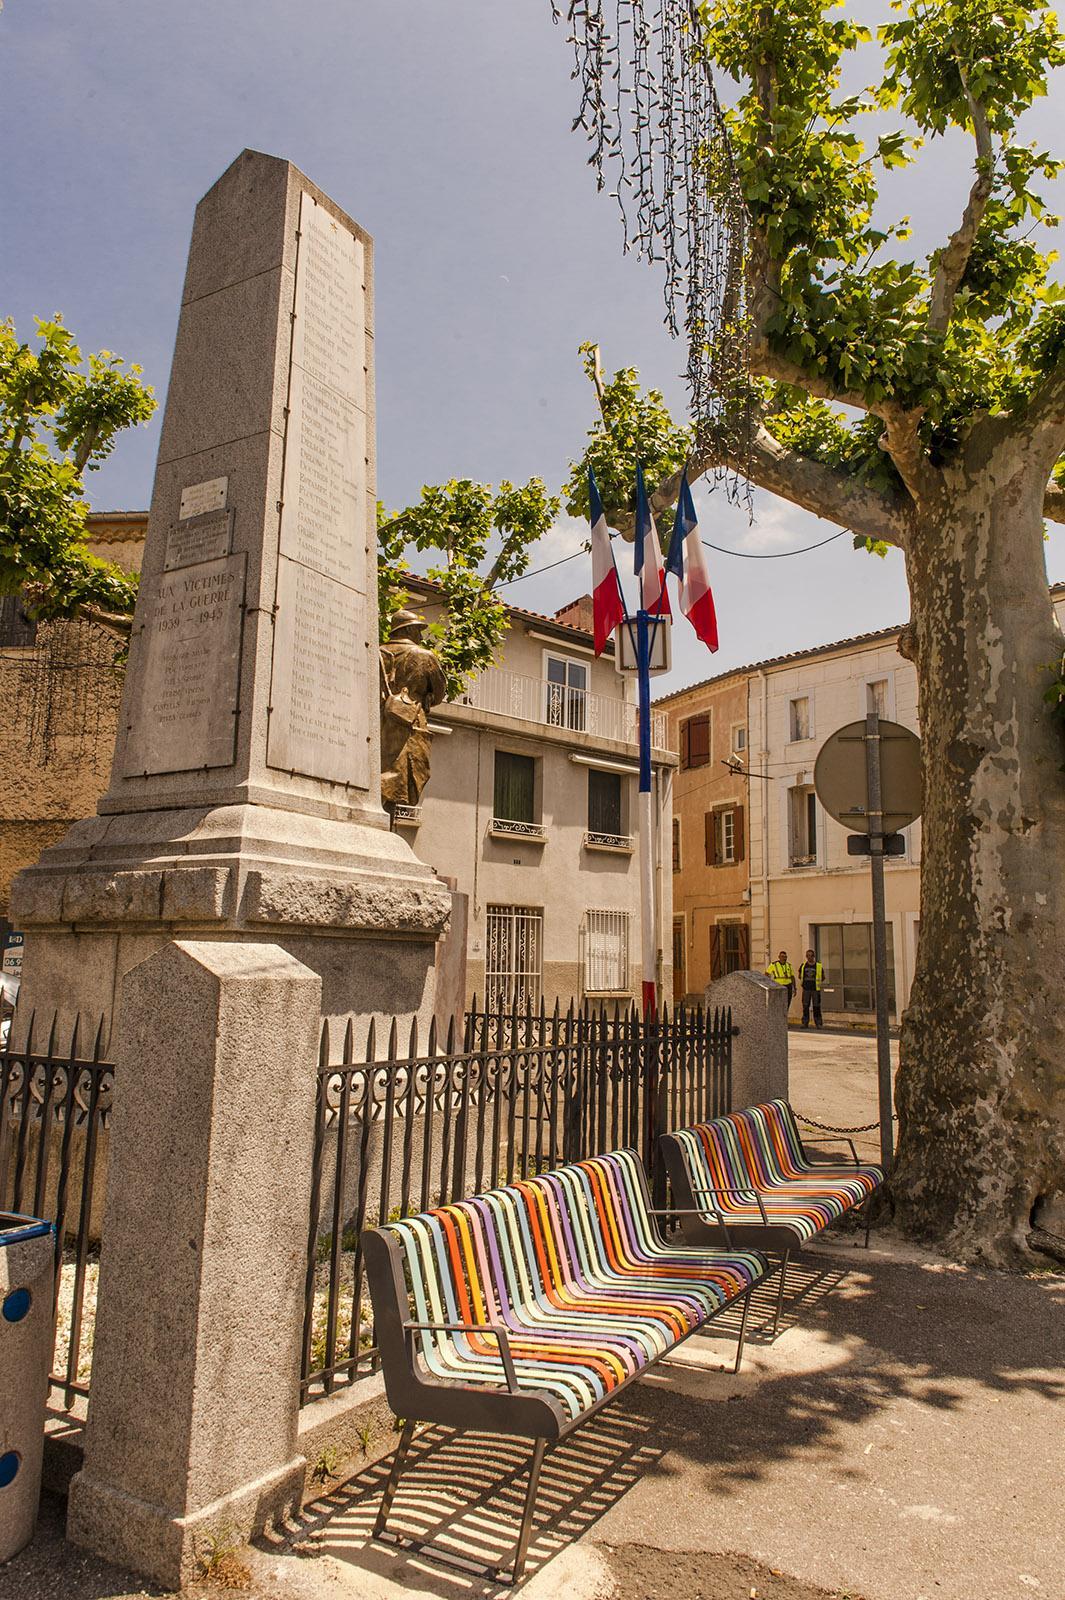 Saint-Paul-de-Fenouillet: Bänke im Bayadère-Streifenmuster - eine Hommage an den katalanischen Stofffabrikanten Toiles du Soileil. Foto: Hilke Maunder